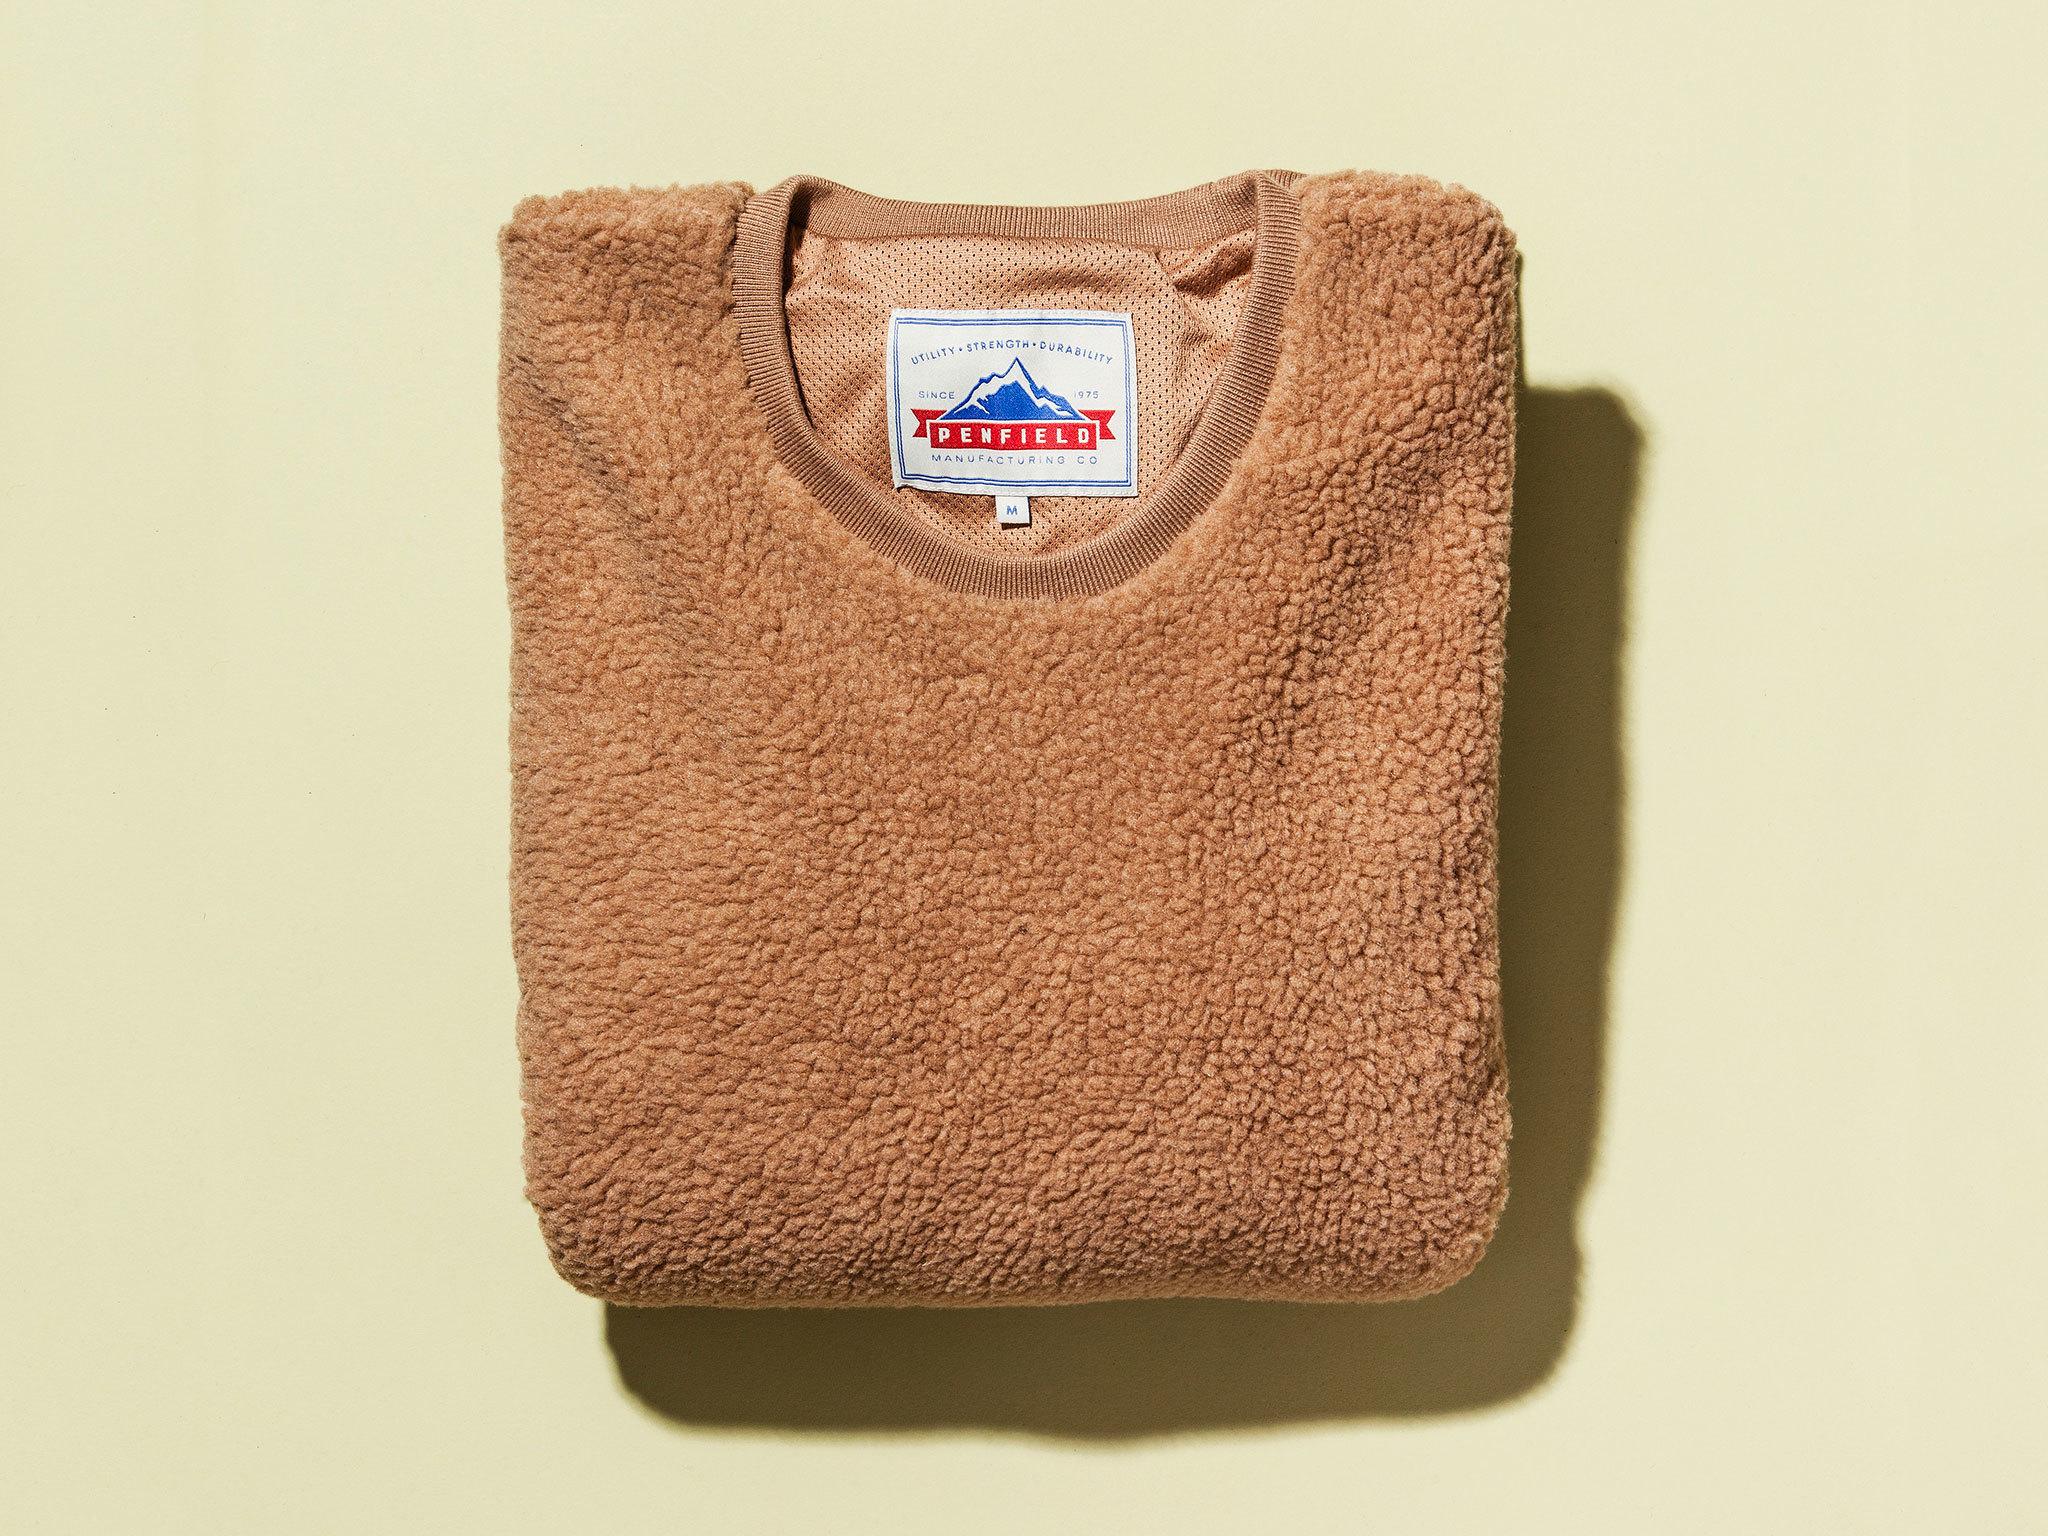 Caramel fleece jumper by Penfield